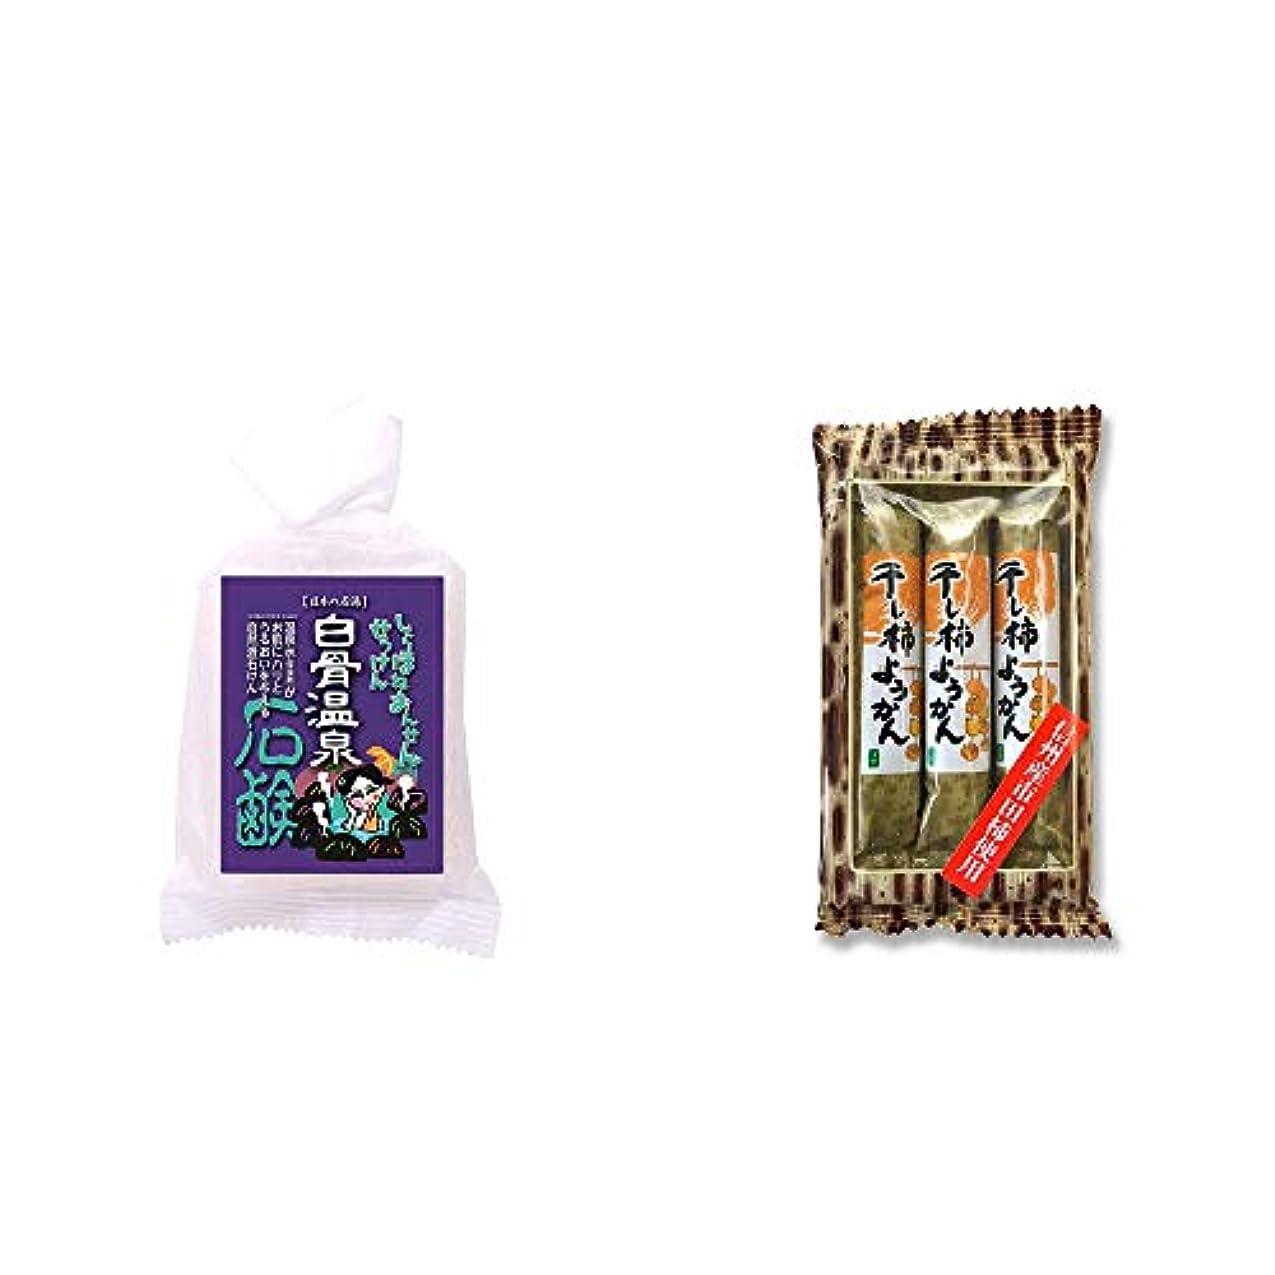 [2点セット] 信州 白骨温泉石鹸(80g)?信州産市田柿使用 スティックようかん[柿](50g×3本)